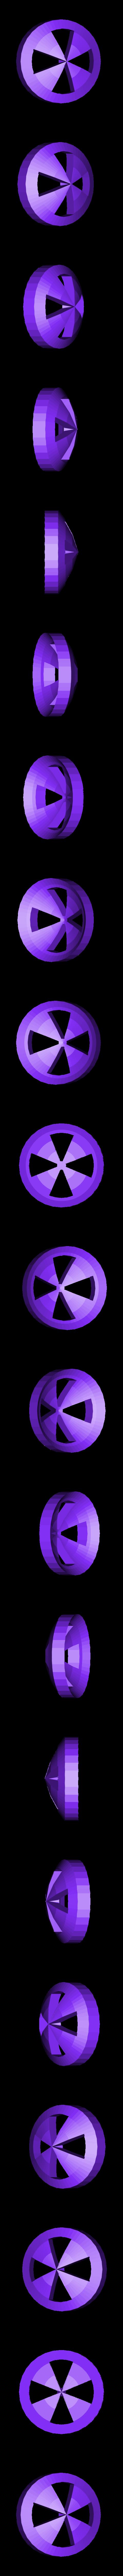 Rocket12g.stl Download free STL file 8 Color Rocket • 3D printing design, ykratter